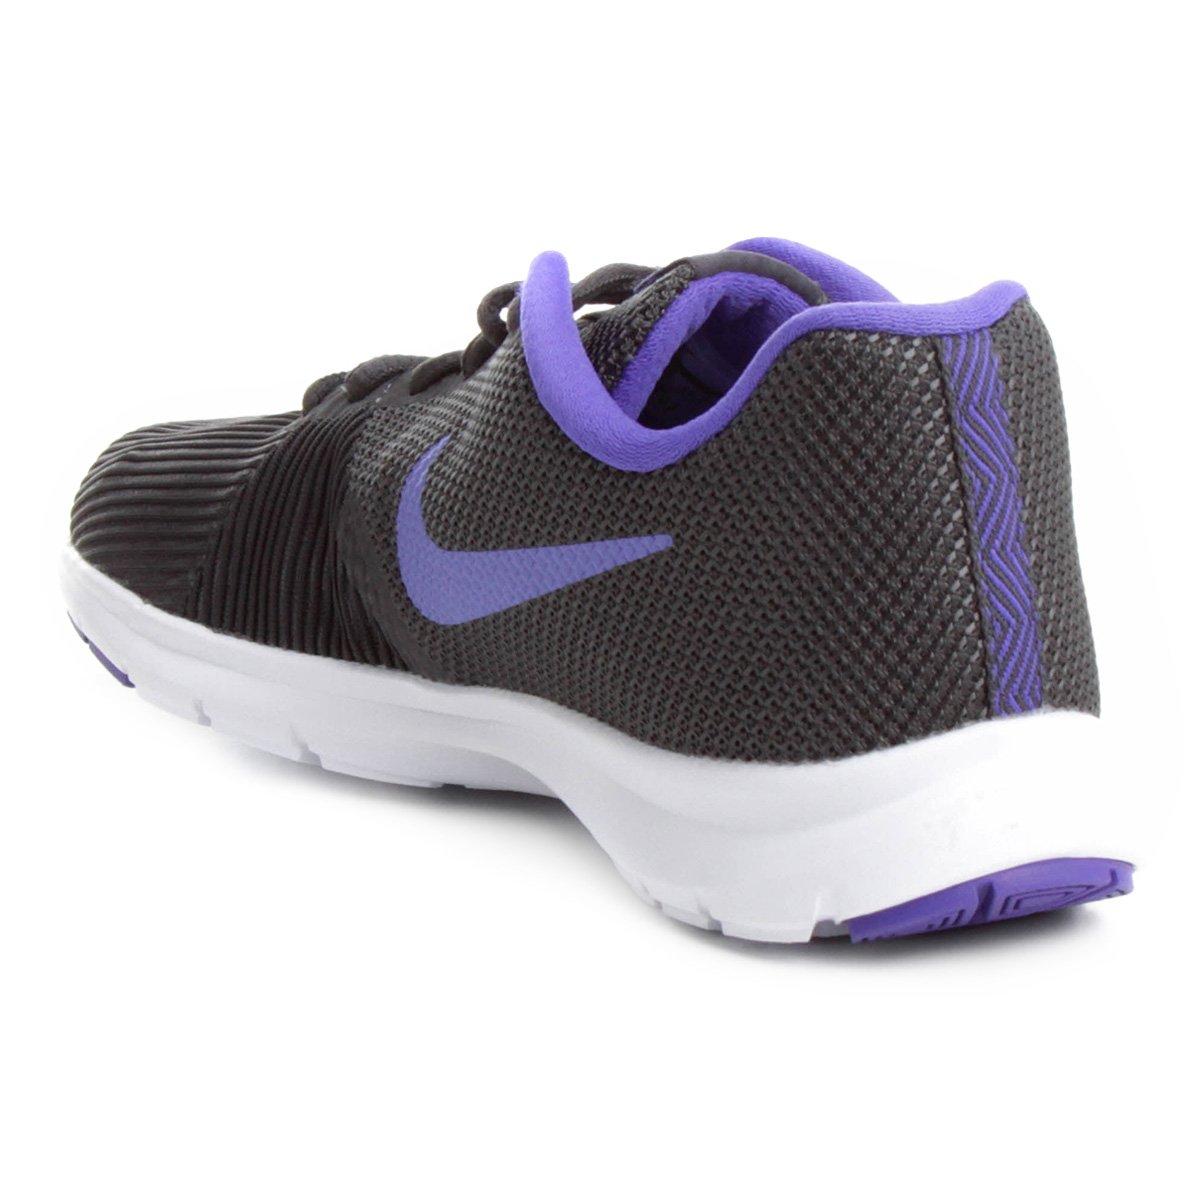 Tênis Nike Flex Bijoux Feminino - Cinza e Violeta - Compre Agora ... 5c772d39d8029